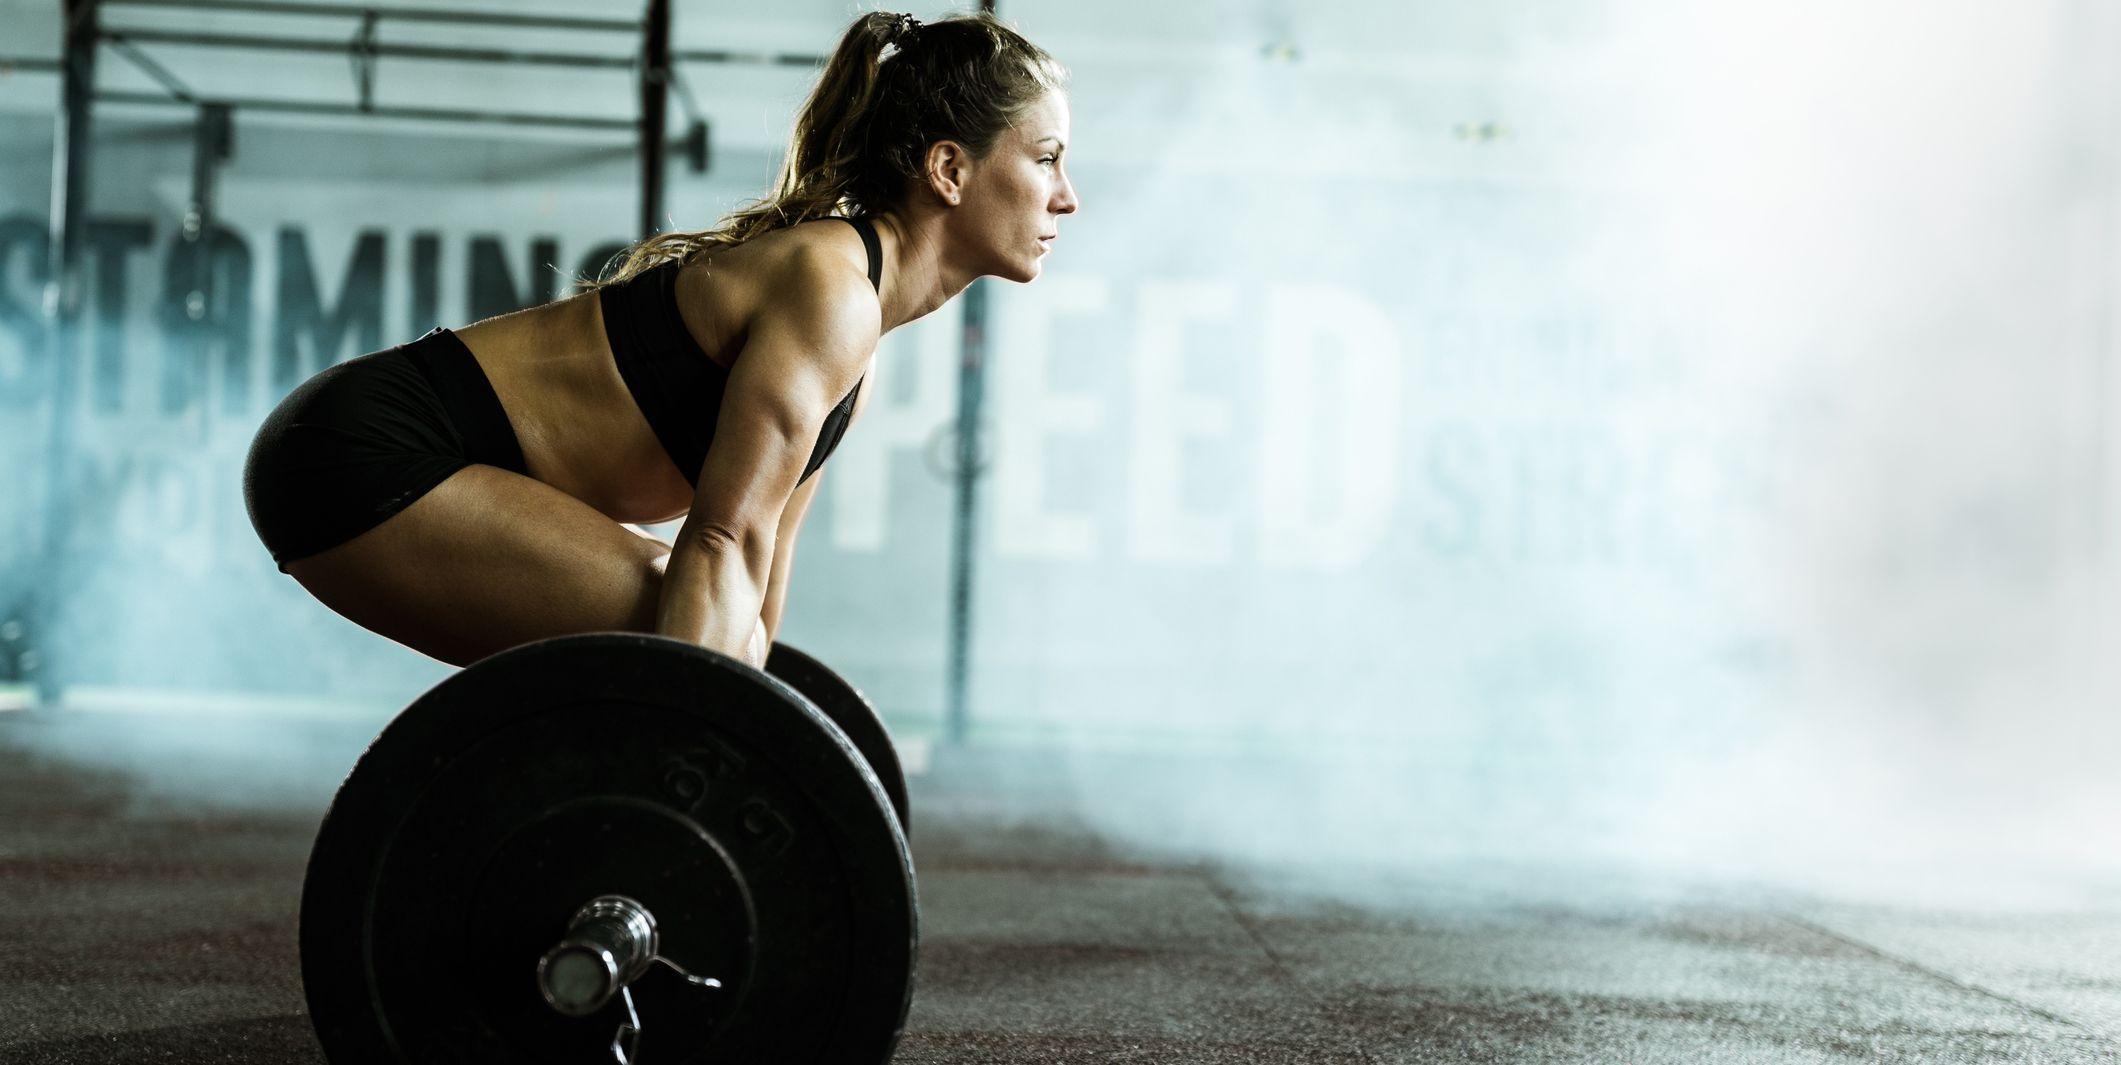 Мышцы растут лучше, если все время менять упражнения?